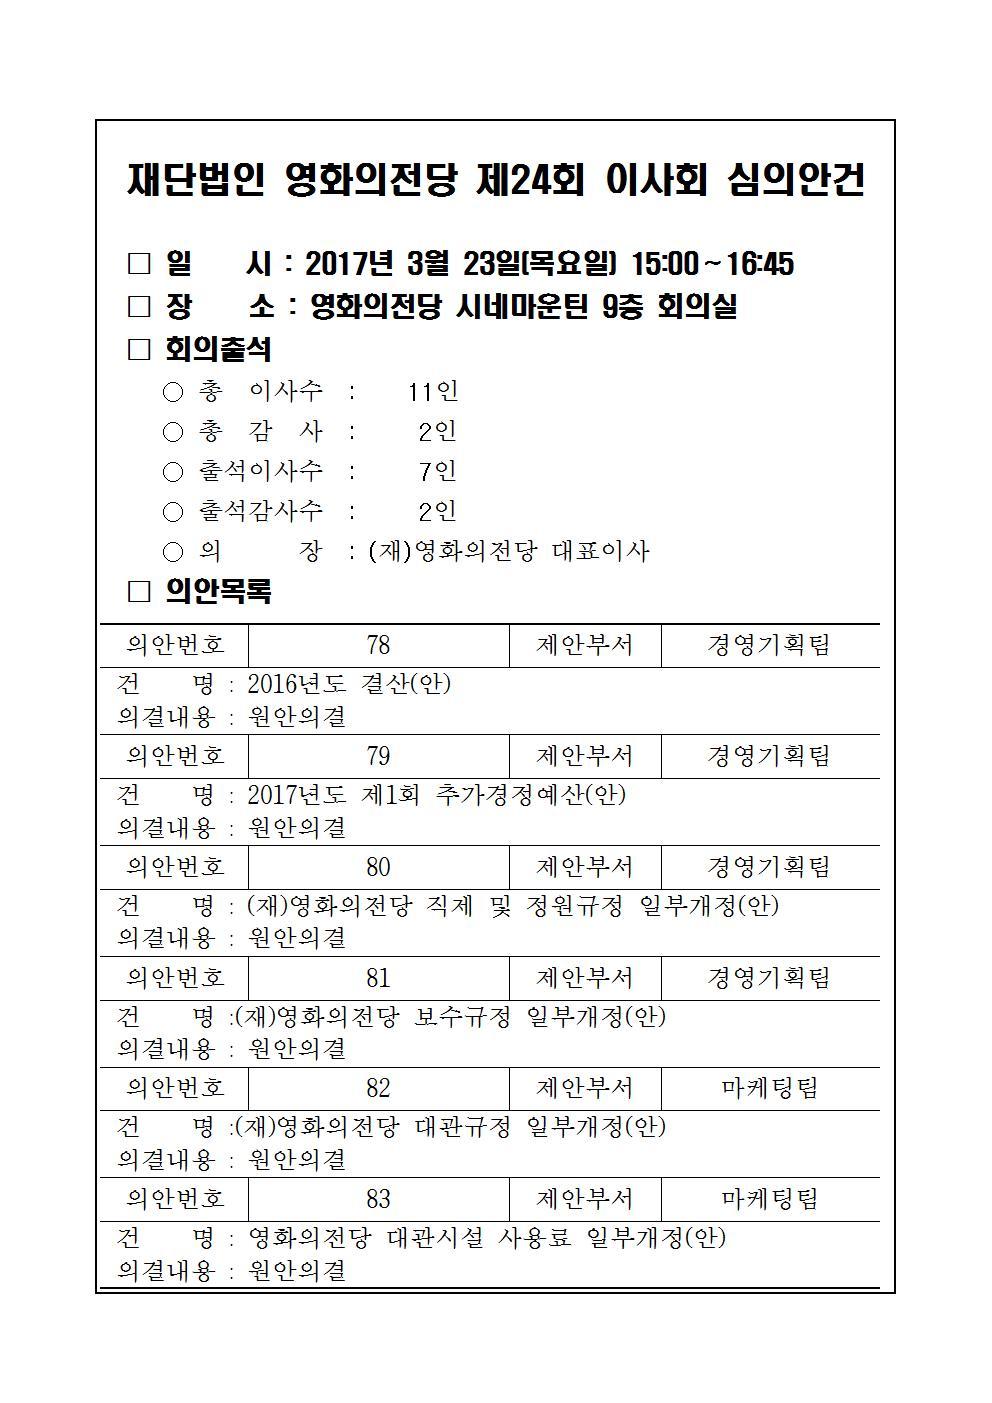 이사회 개최결과(제24회)